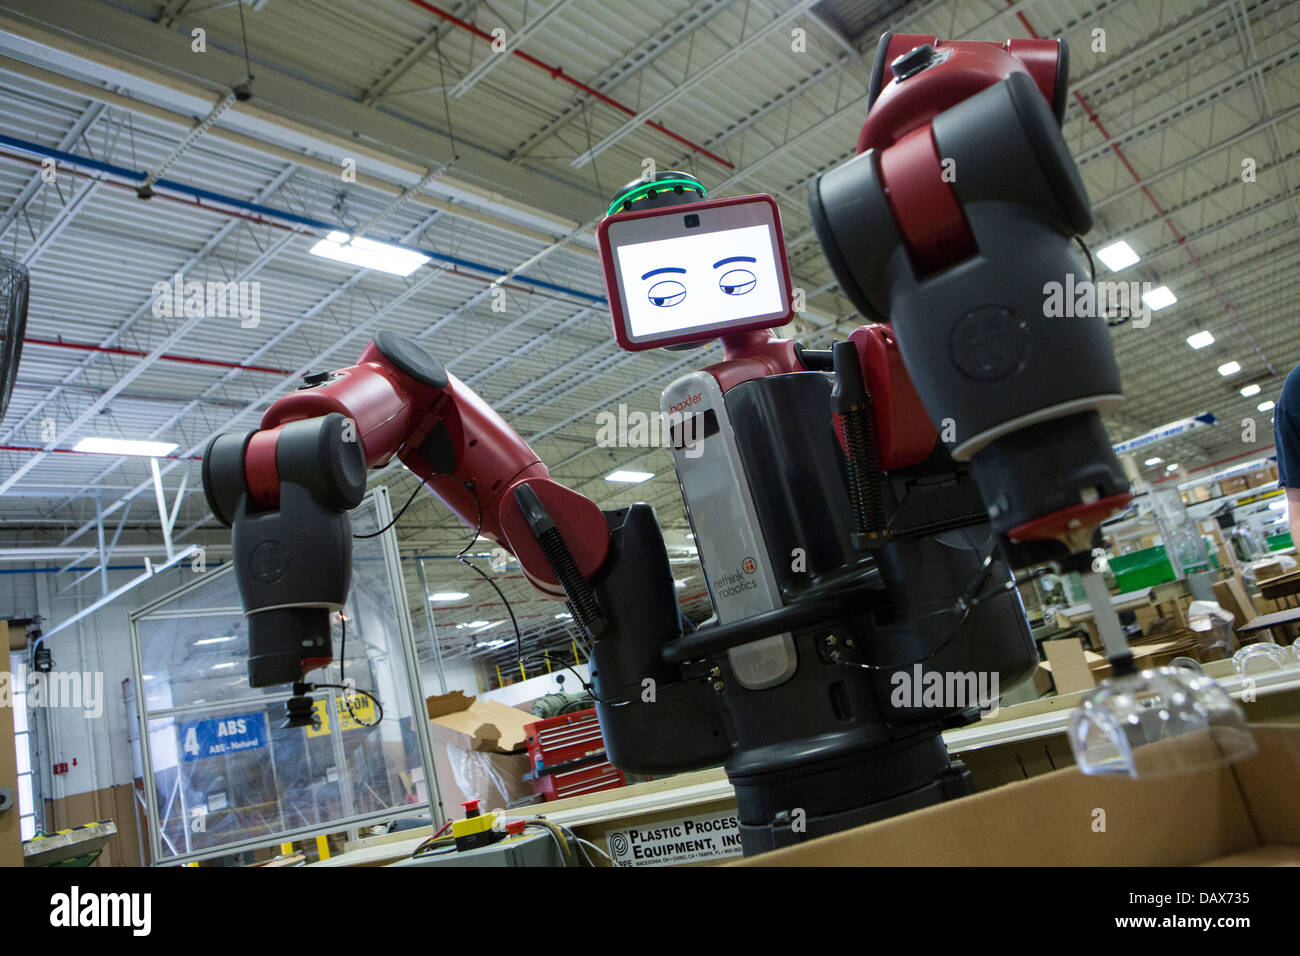 Baxter il robot realizzato da ripensare la robotica presso il gruppo Rodon stampaggio plastico fabbrica. Immagini Stock